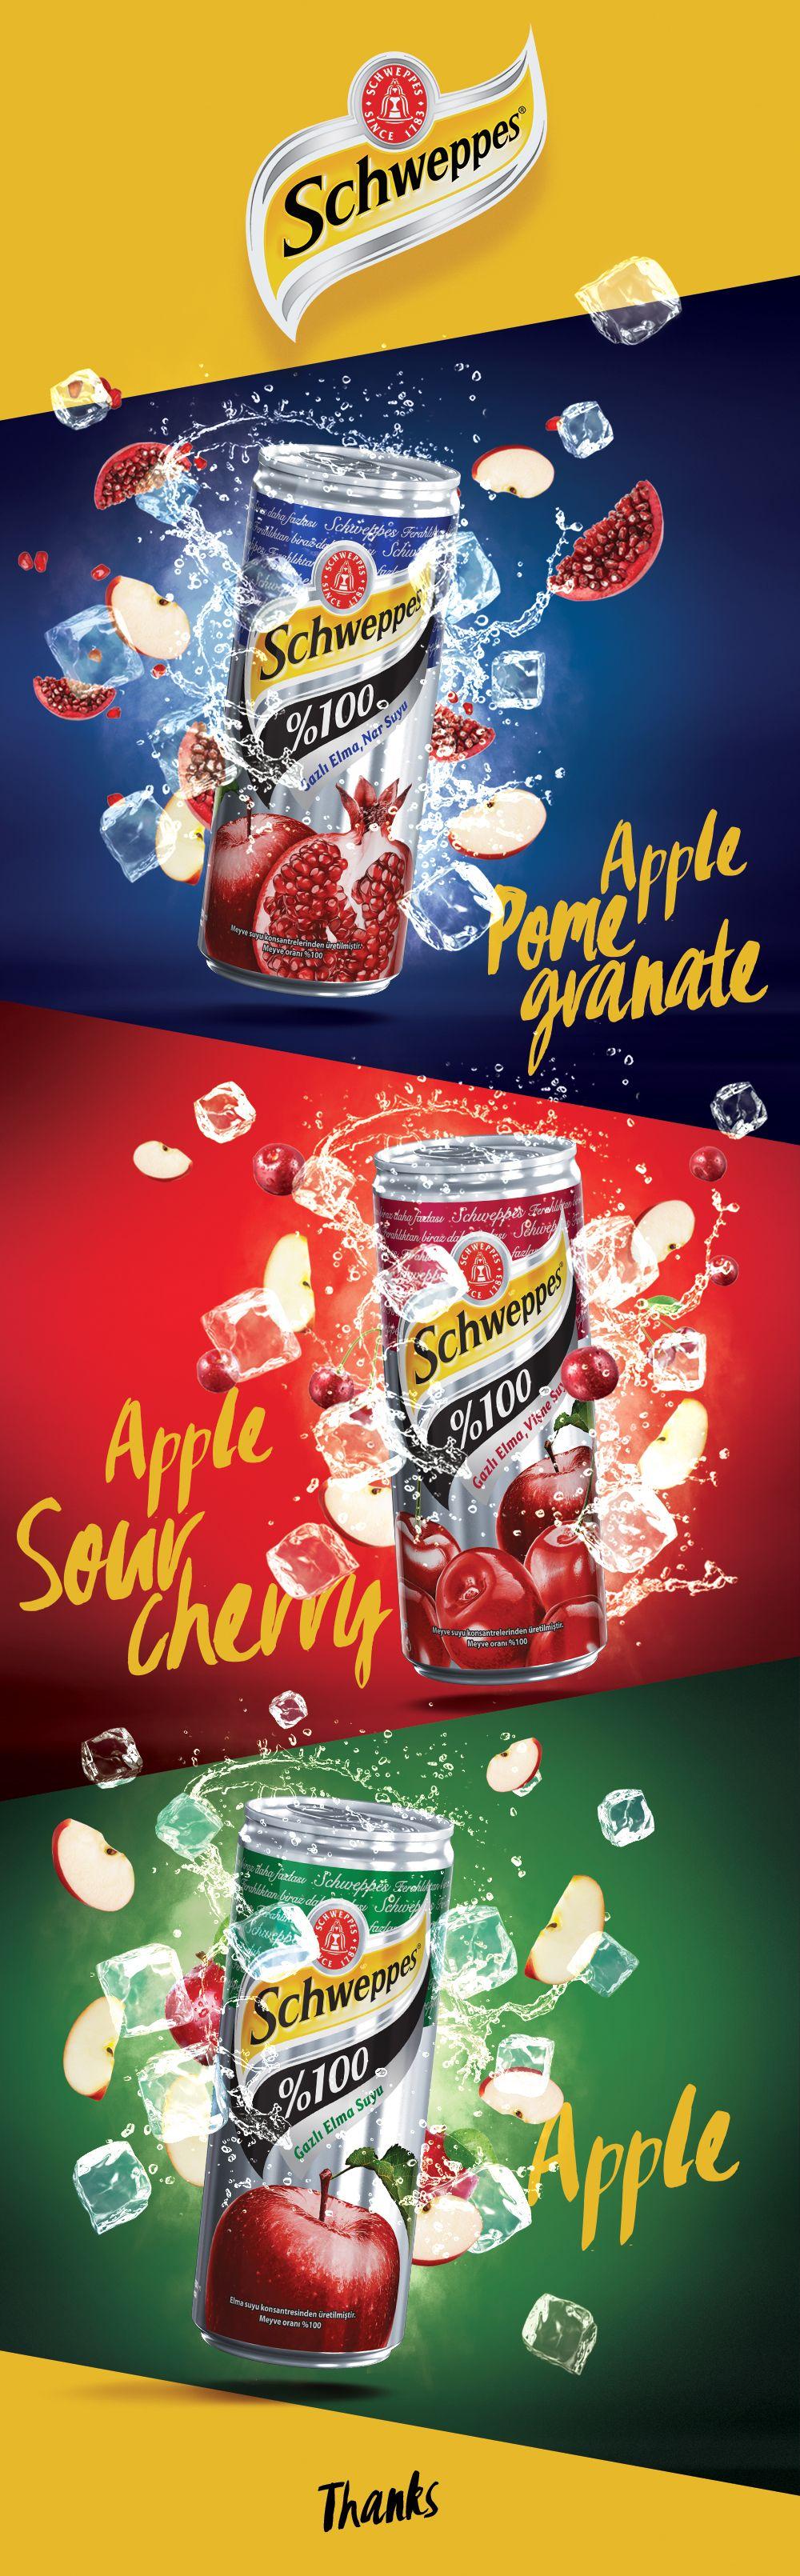 Schweppes Sparkling 100% Fruit Juice on Behance | Juice ...